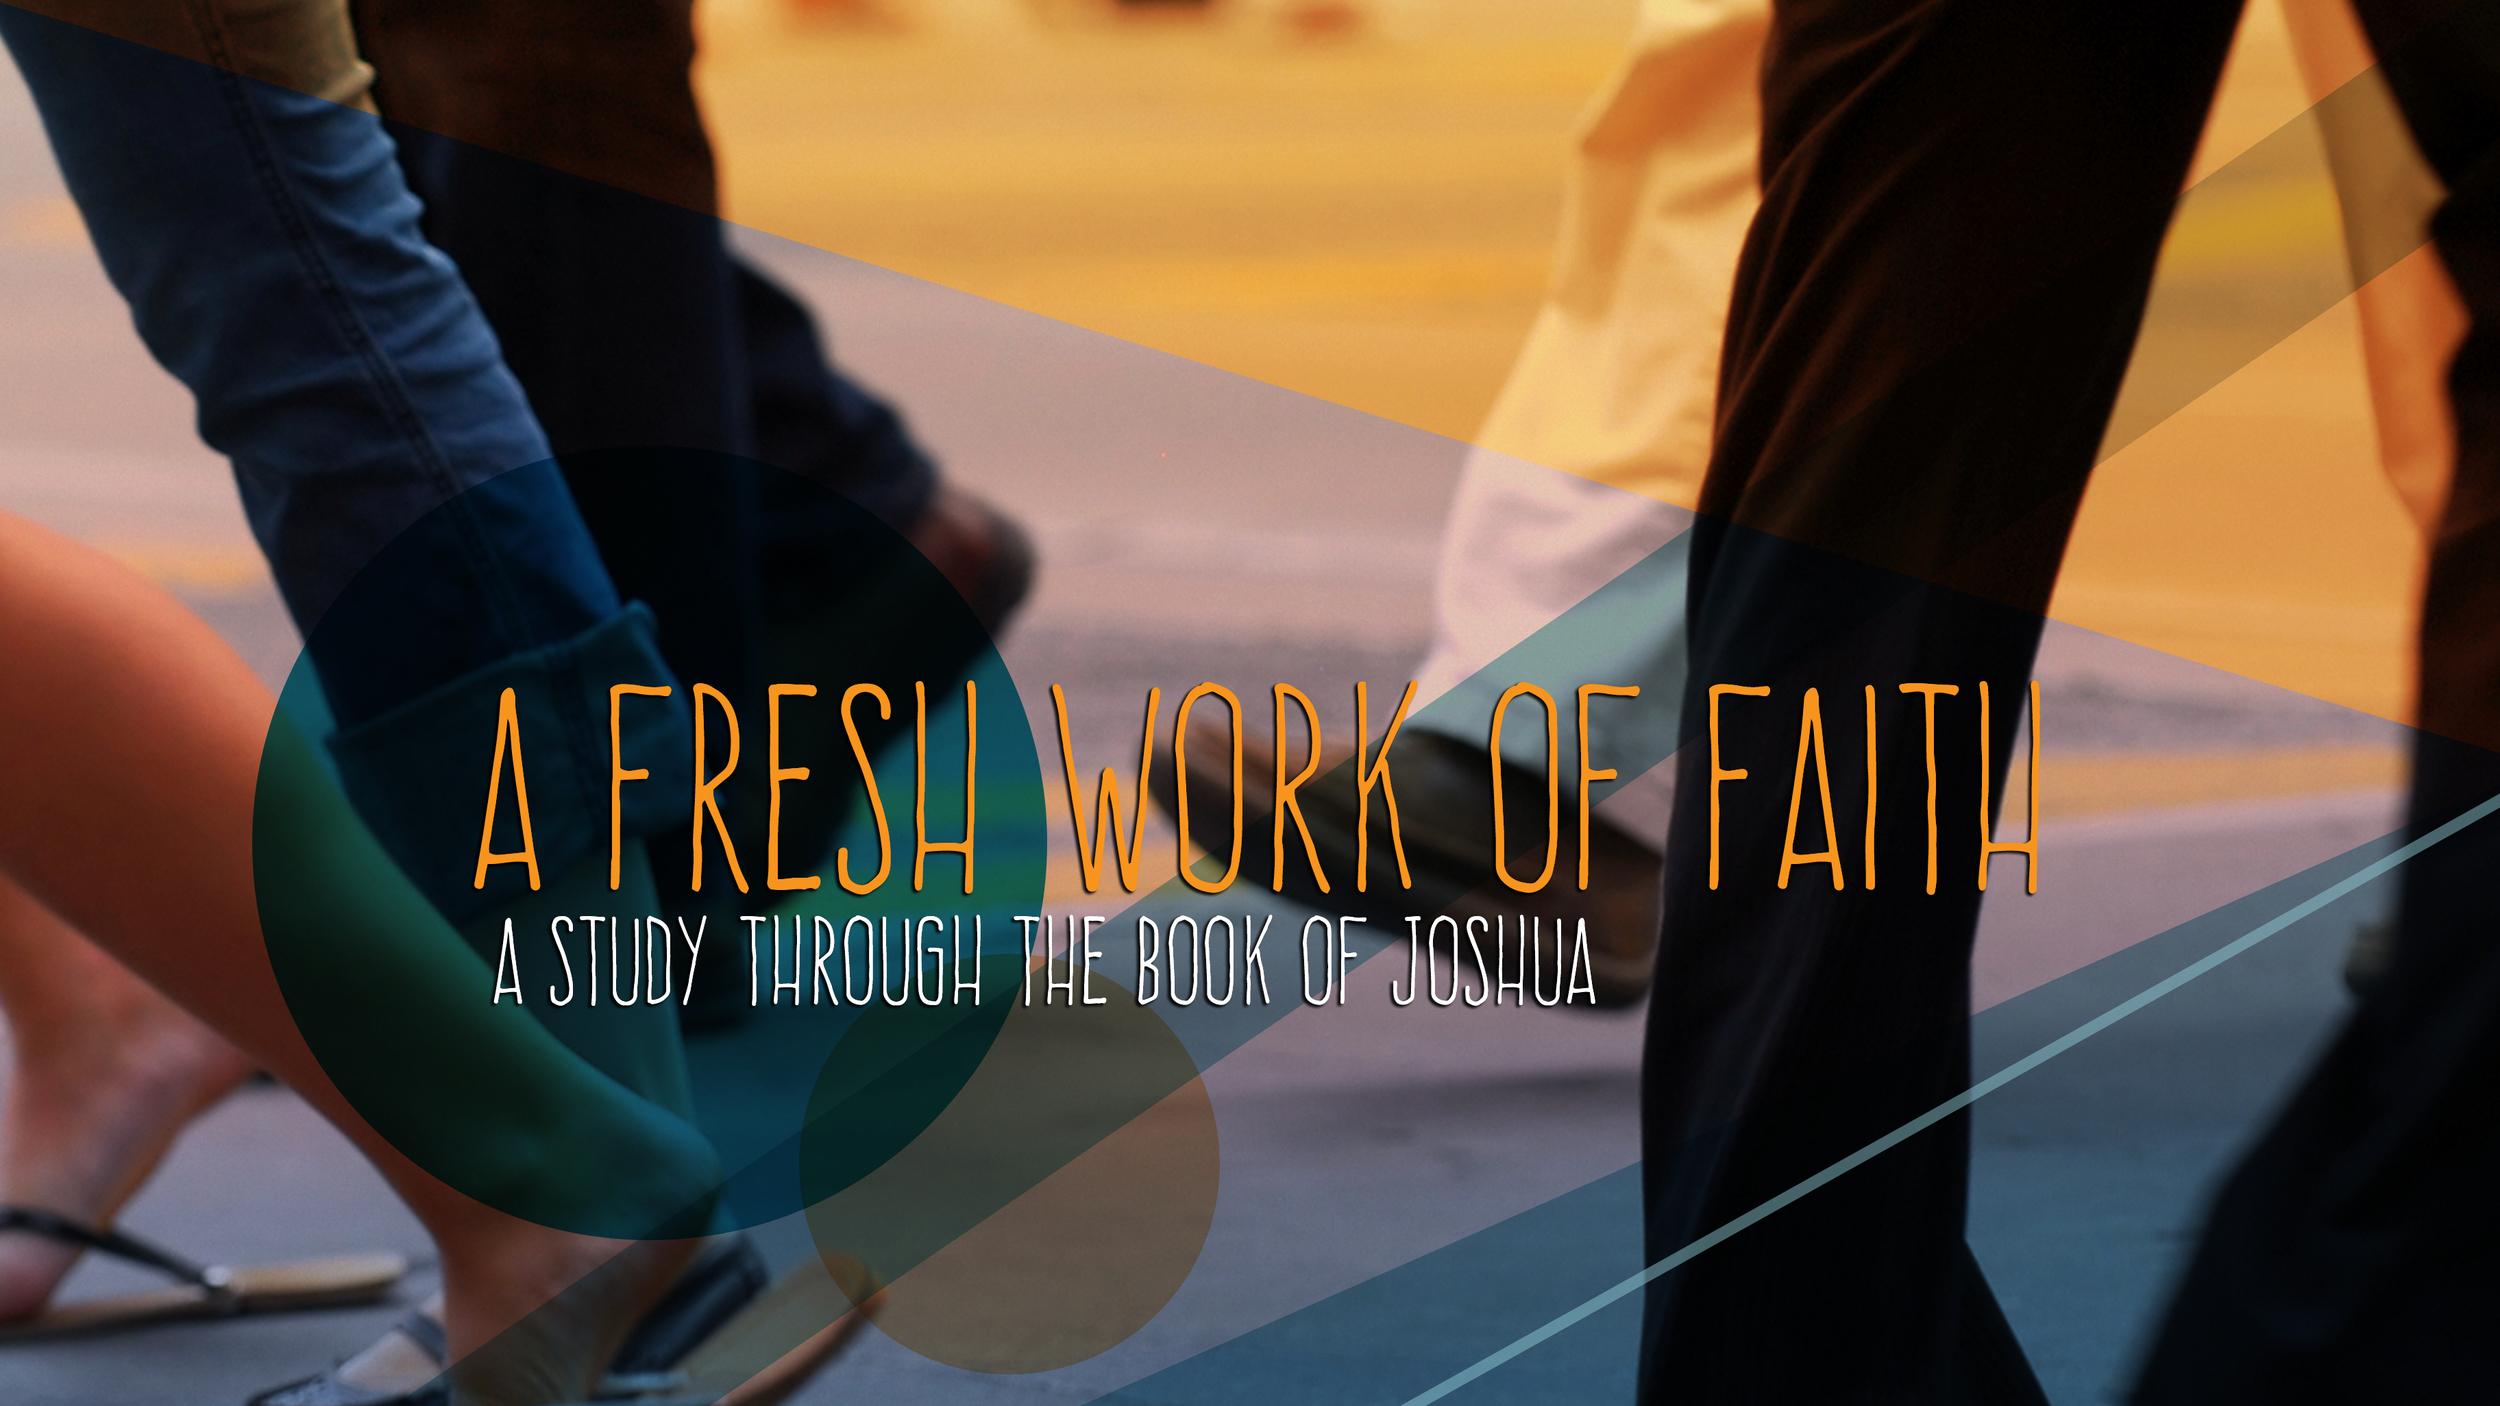 A Fresh Work of Faith